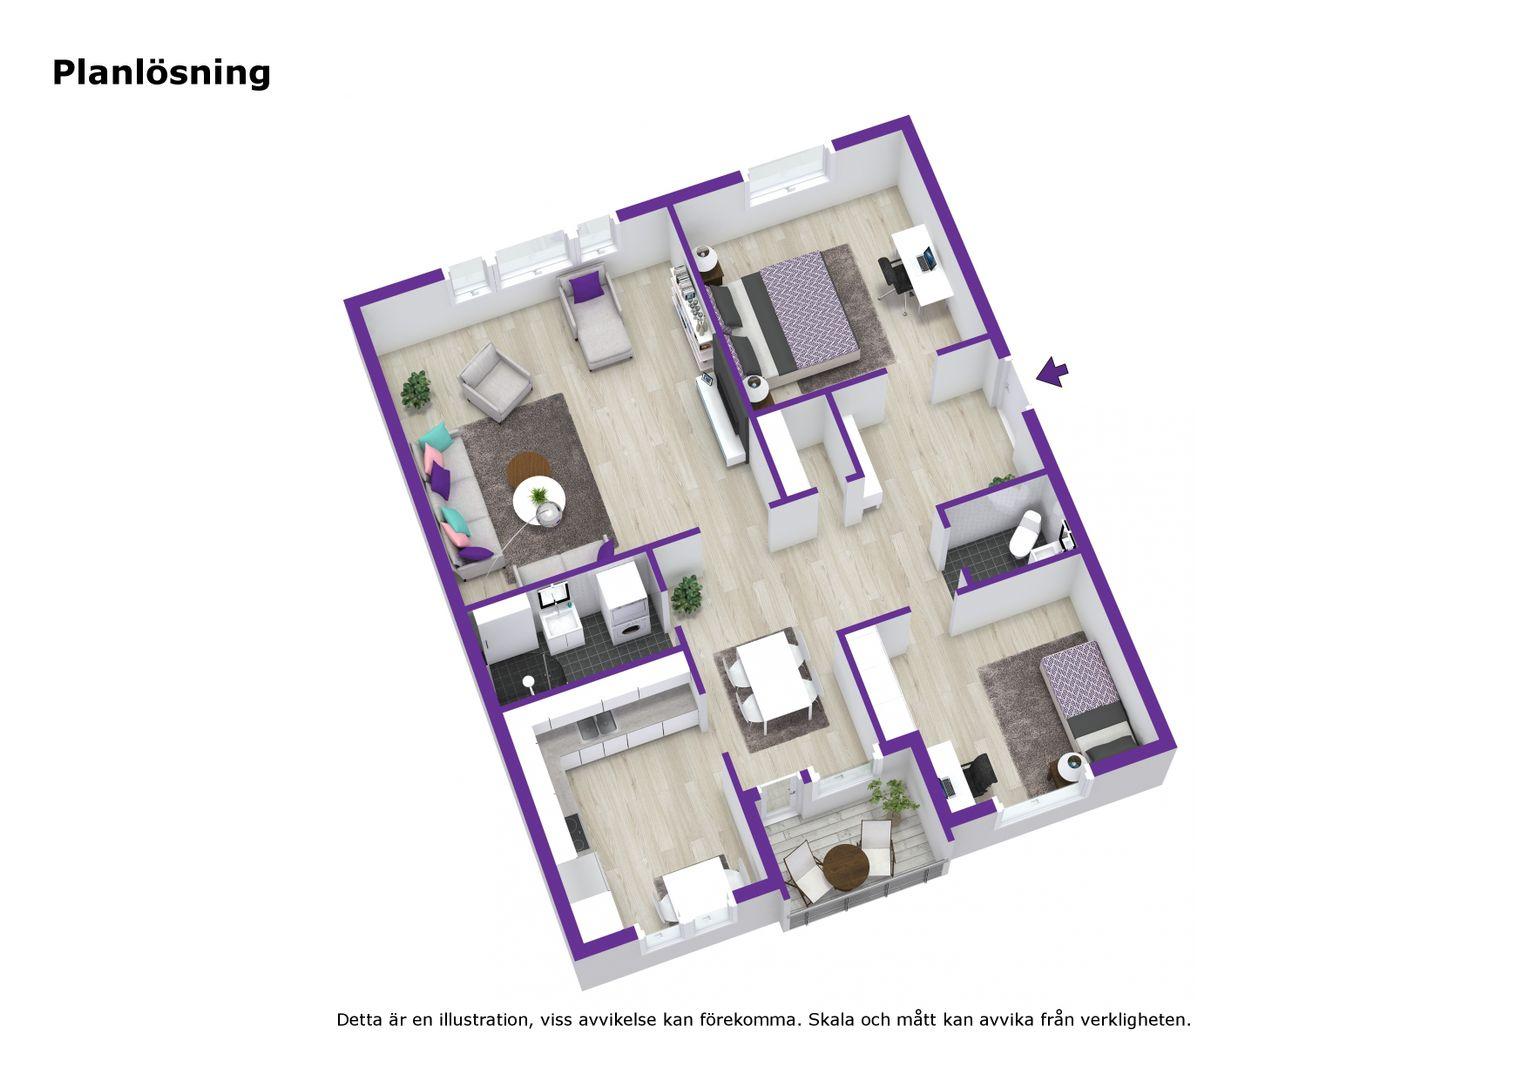 3D - Planlösning - Letterhead